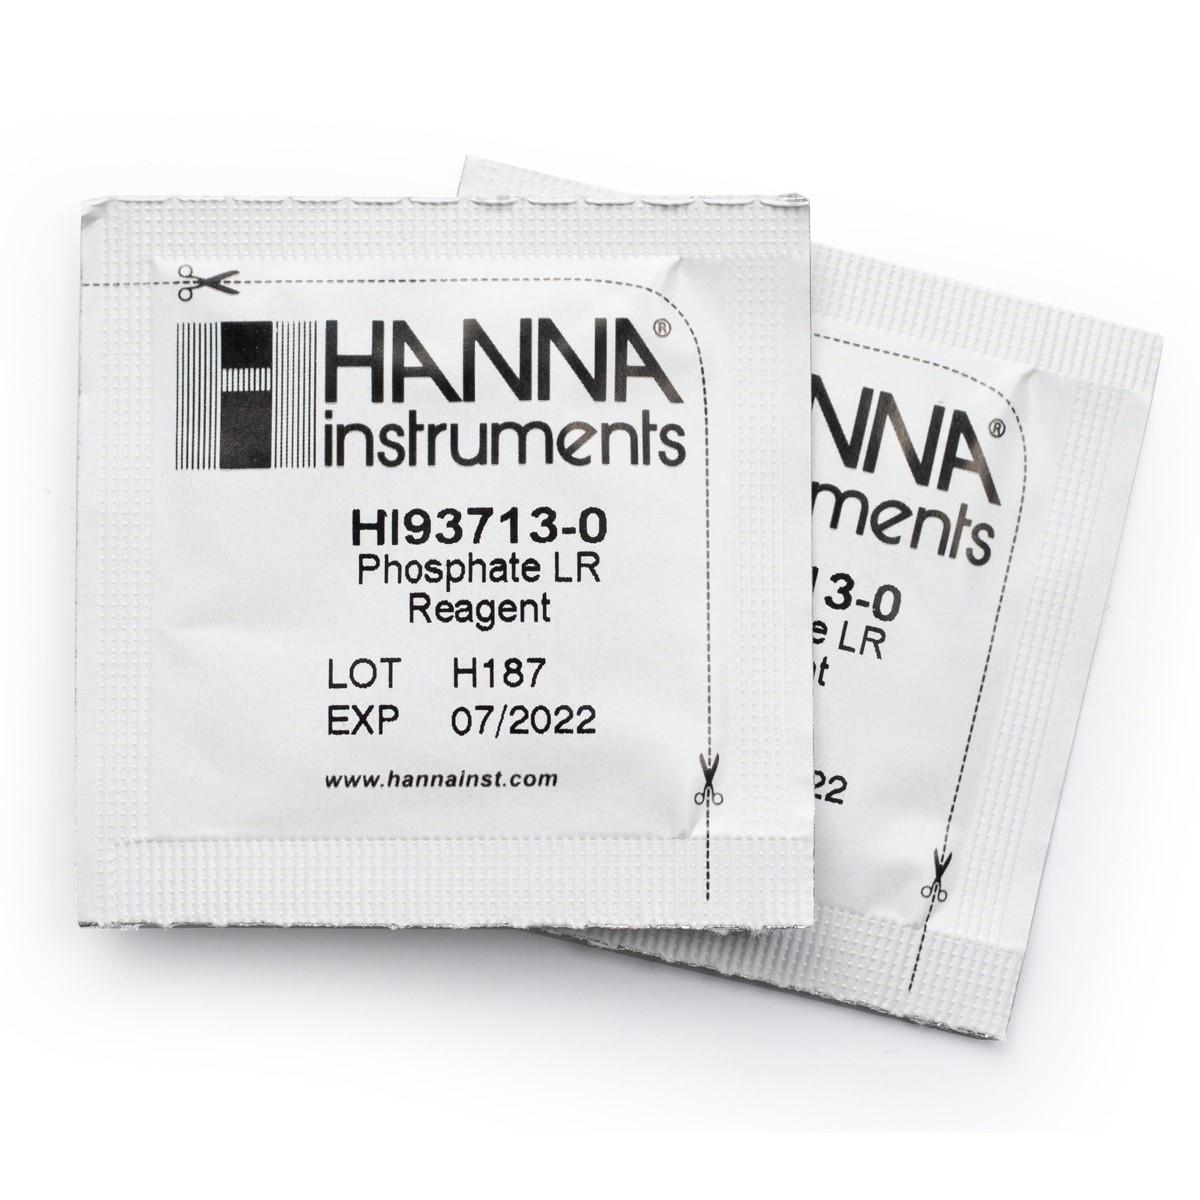 HI93713-01 Phosphate Low Range Reagents (100 tests)